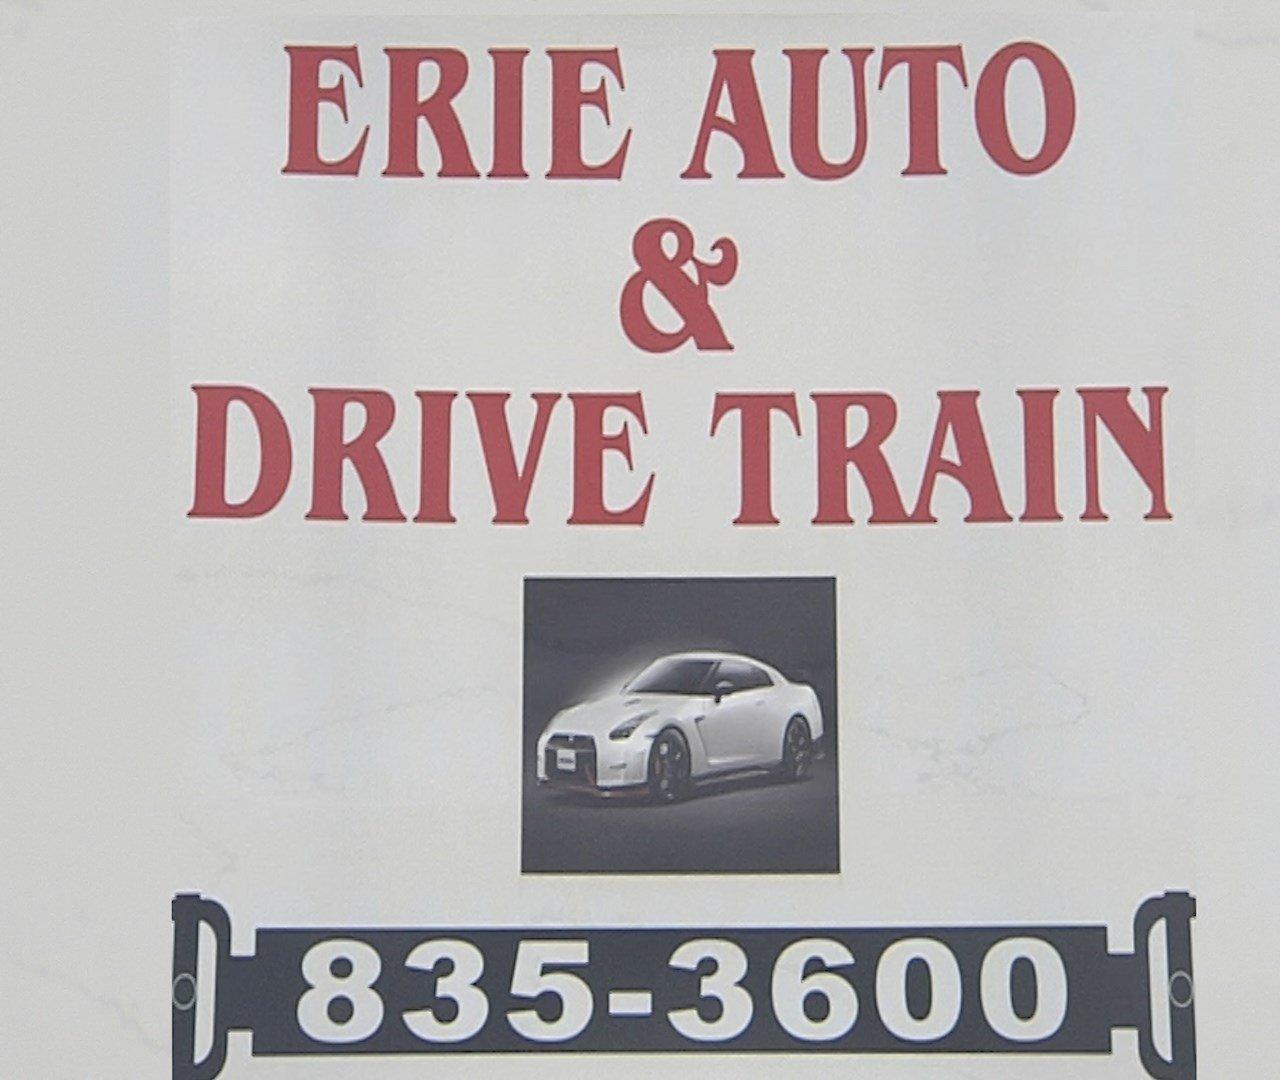 Erie Auto & Drive Train